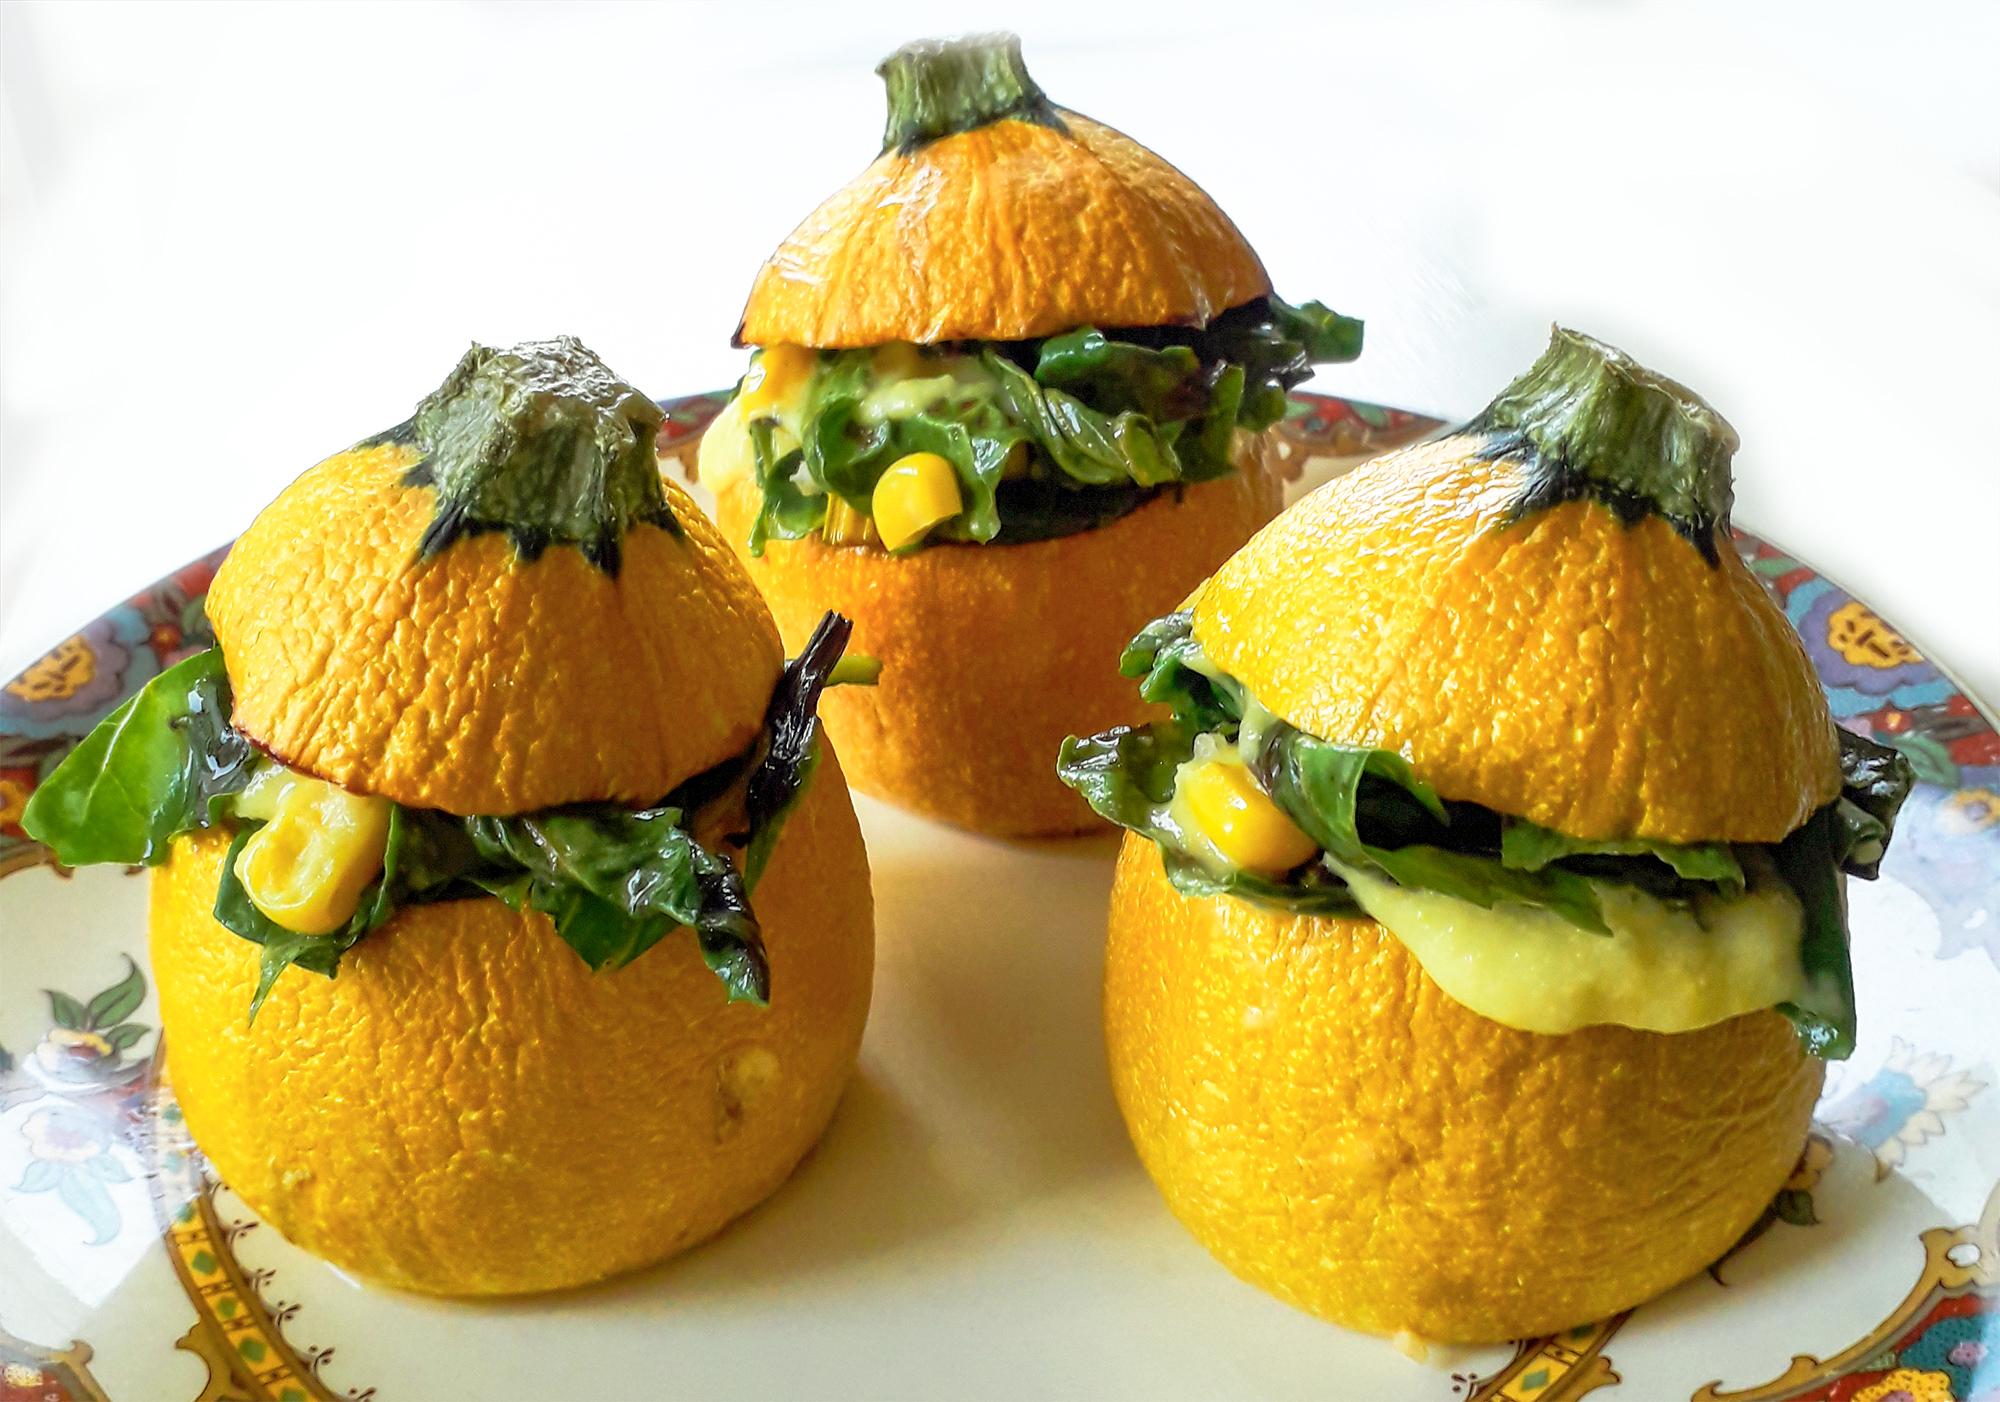 Receta Calabacines Amarillos Rellenos Espinacas Maiz Afuegolento 1